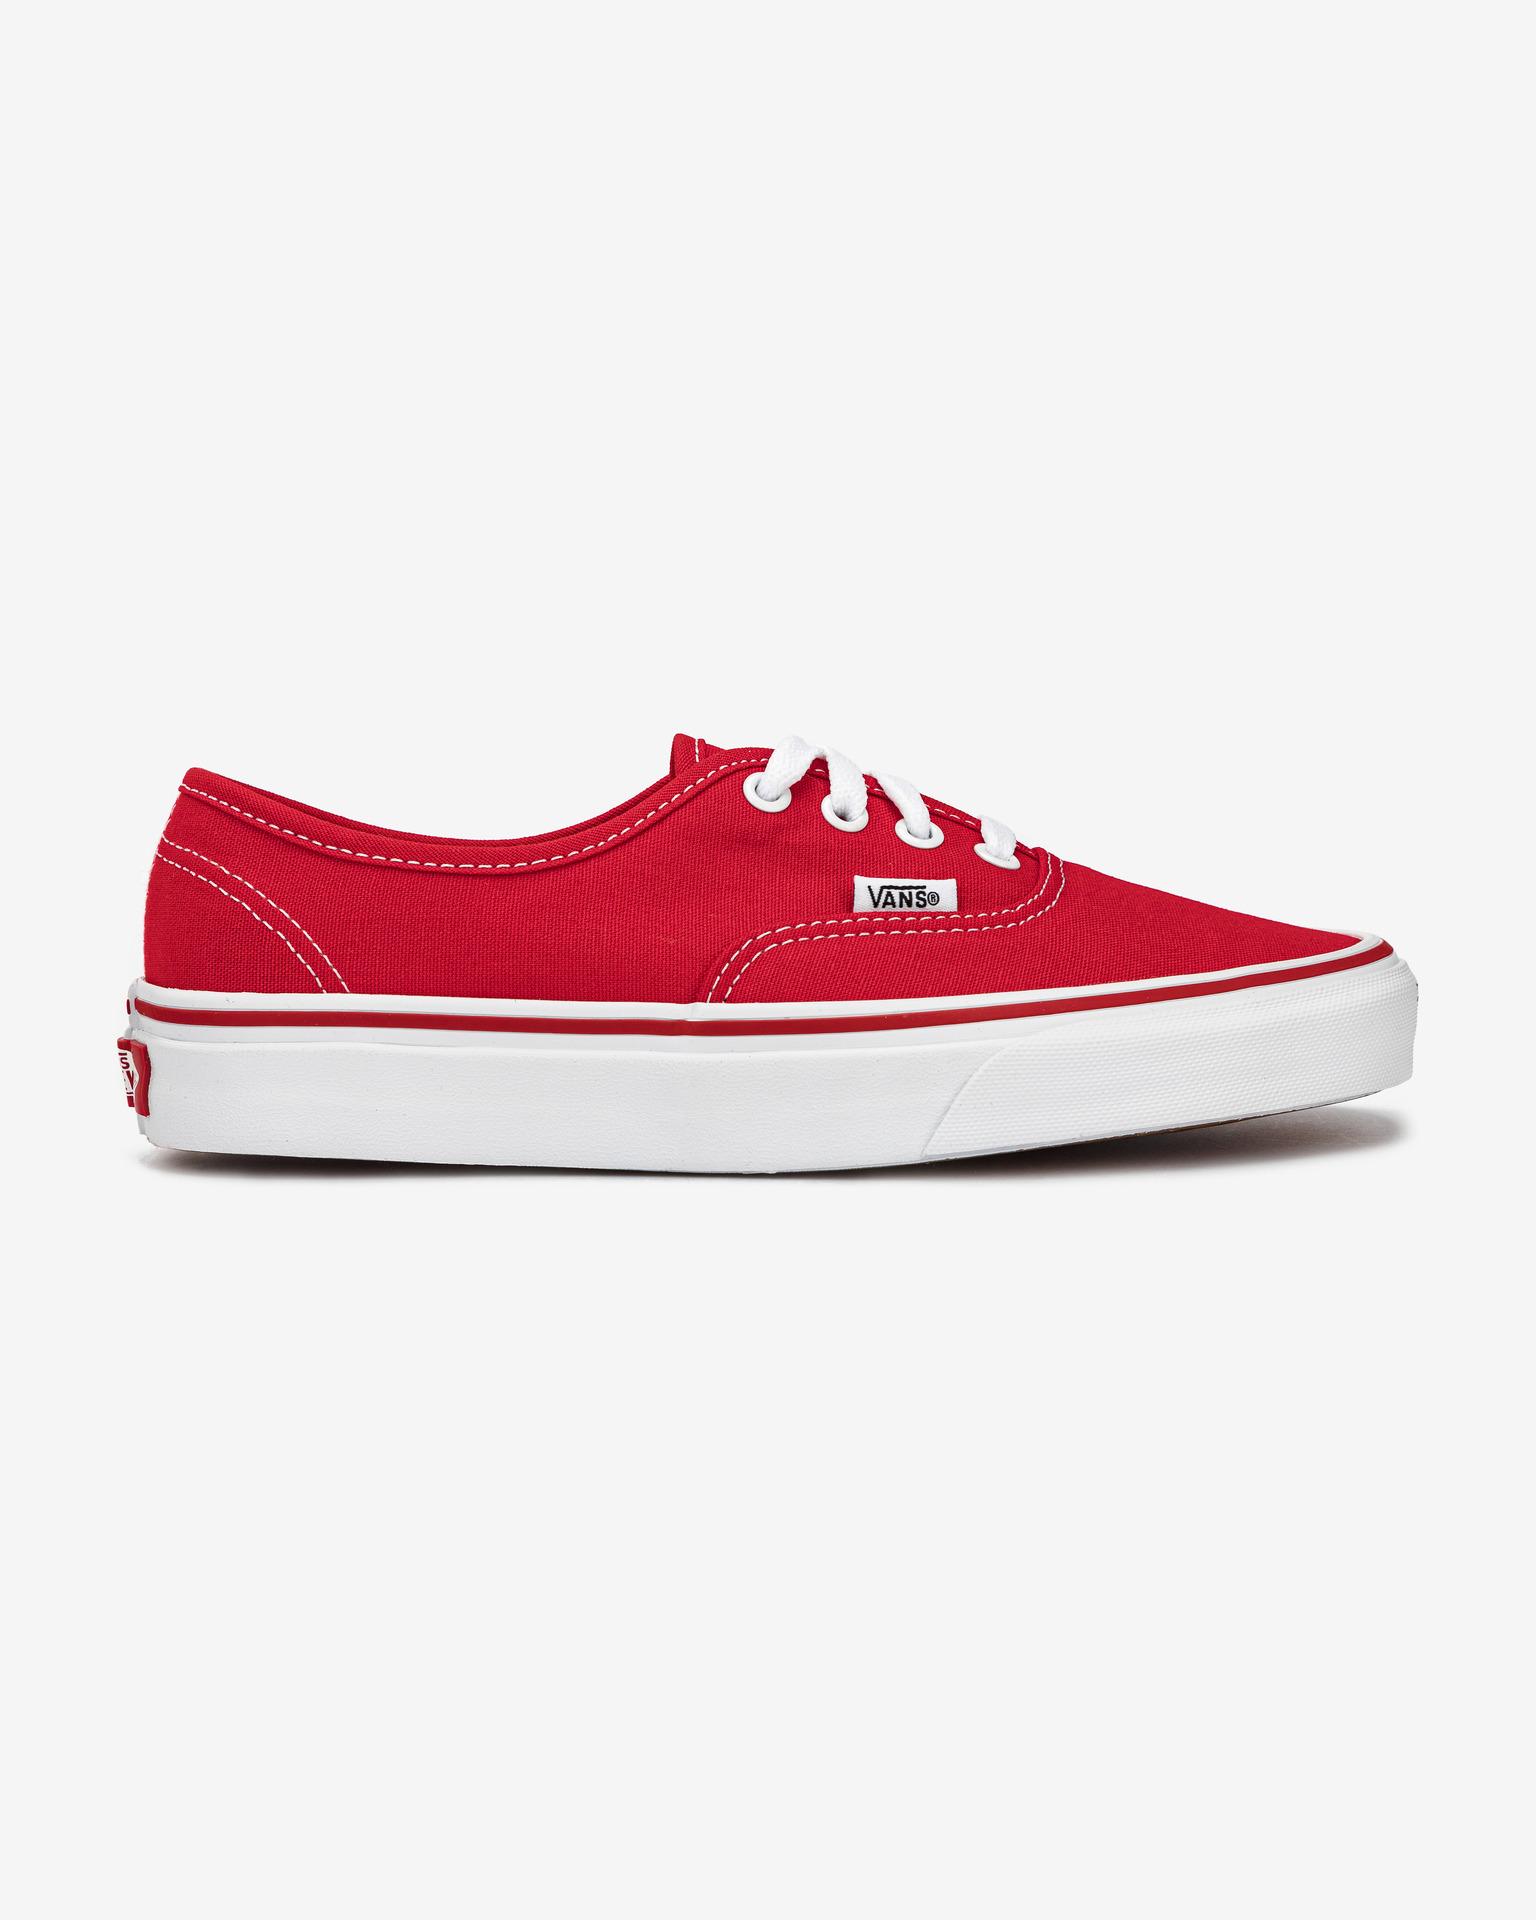 Vans - Authentic Sneakers Bibloo.com